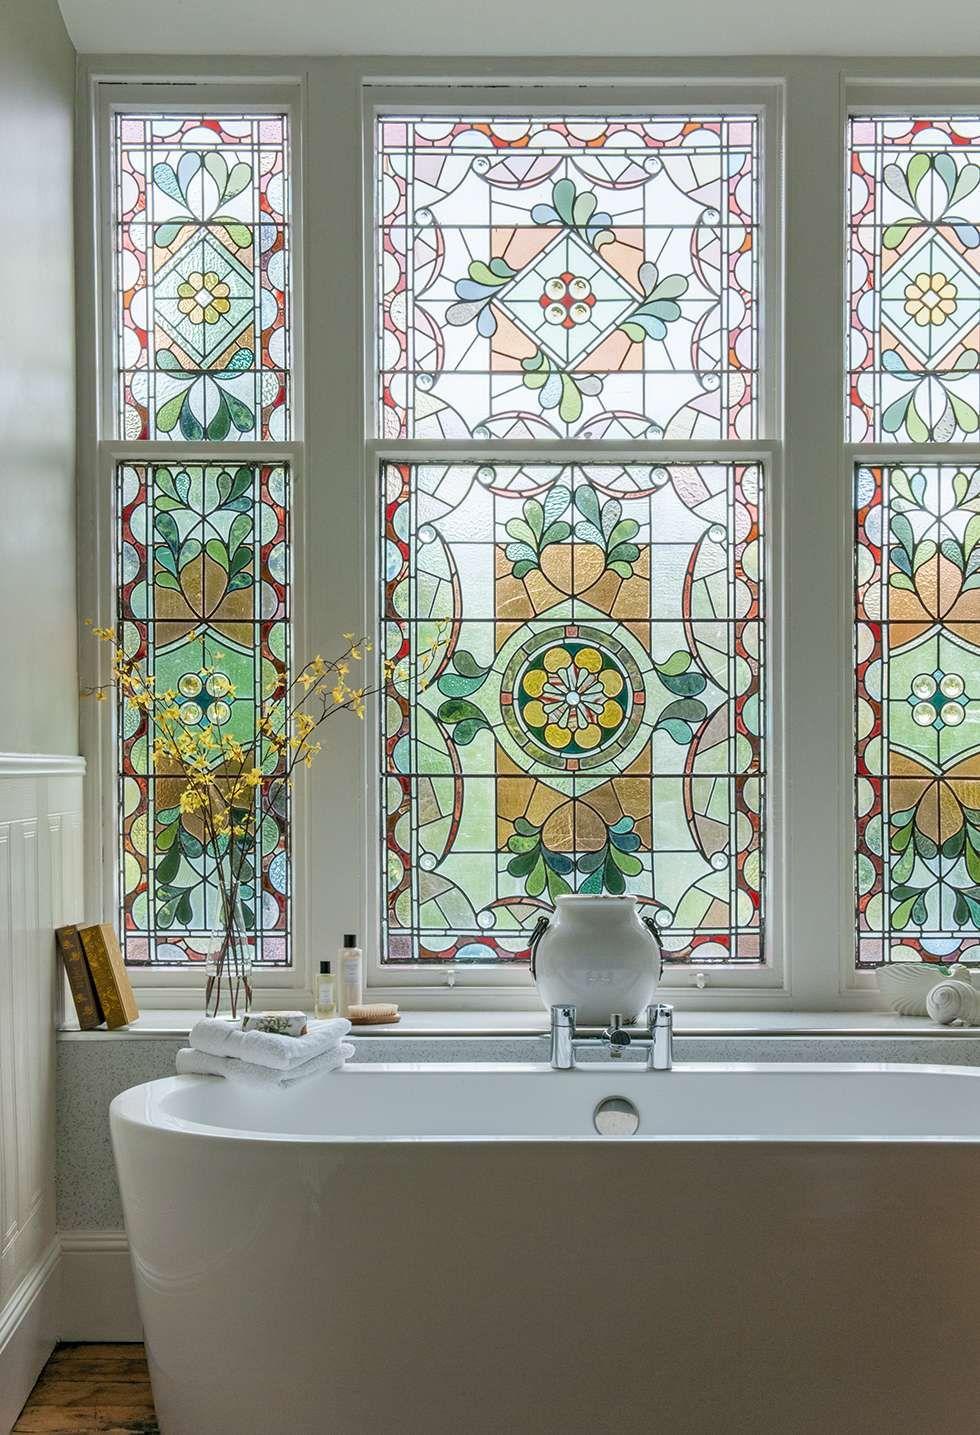 Badezimmer design tür pin von michelle klaffke auf badezimmer  pinterest  haus